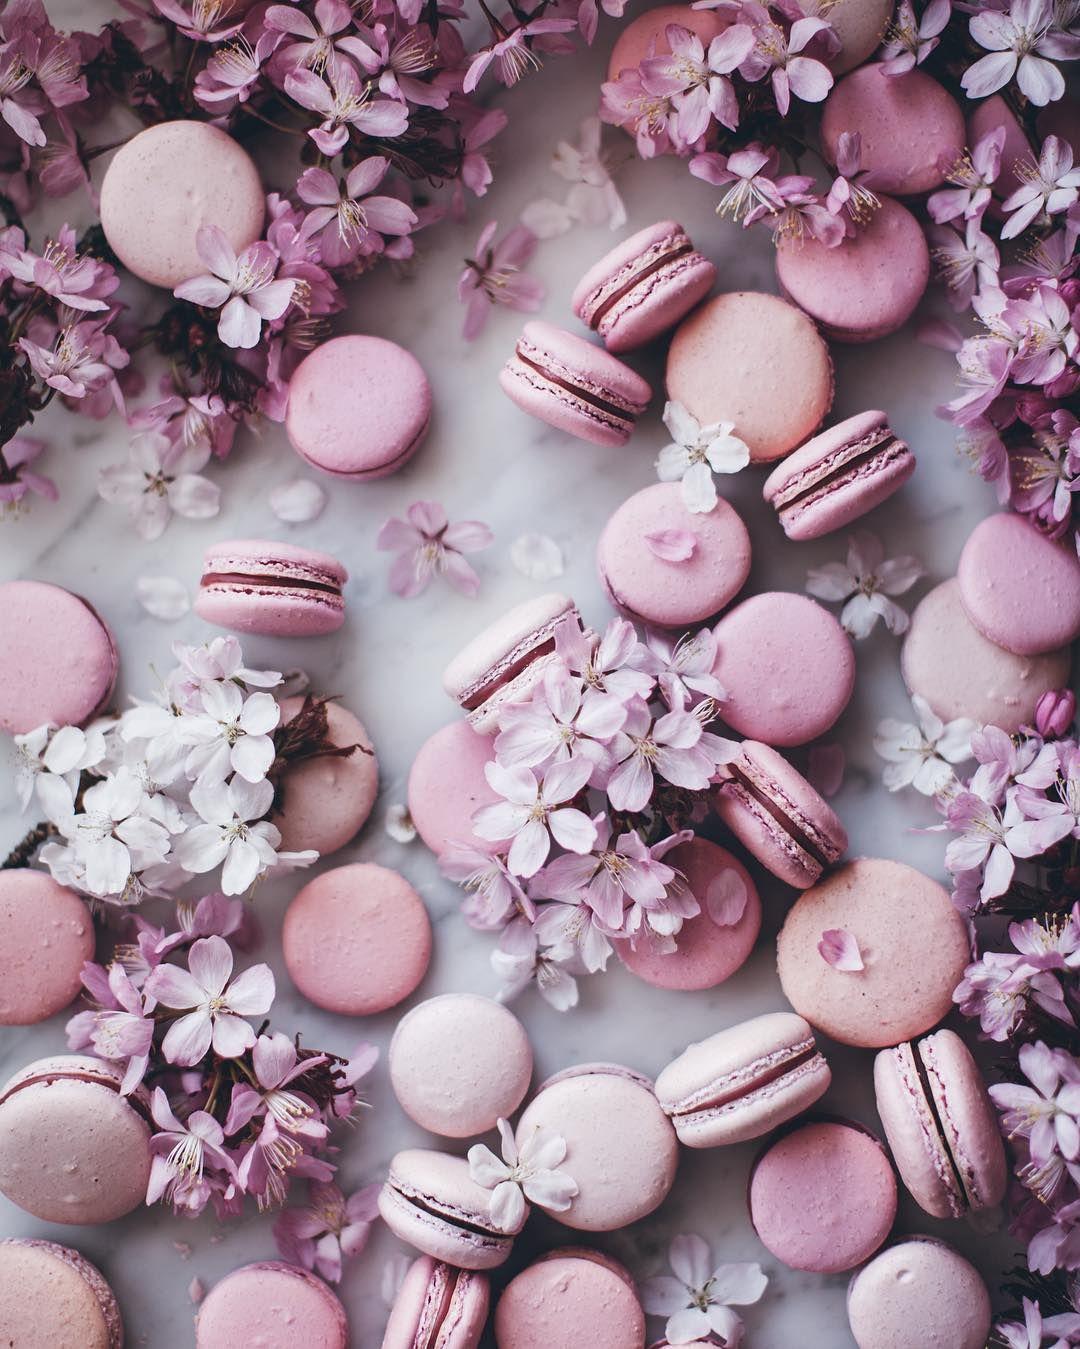 плюсы картинка в розовом цвете для инстаграм позвоню вам